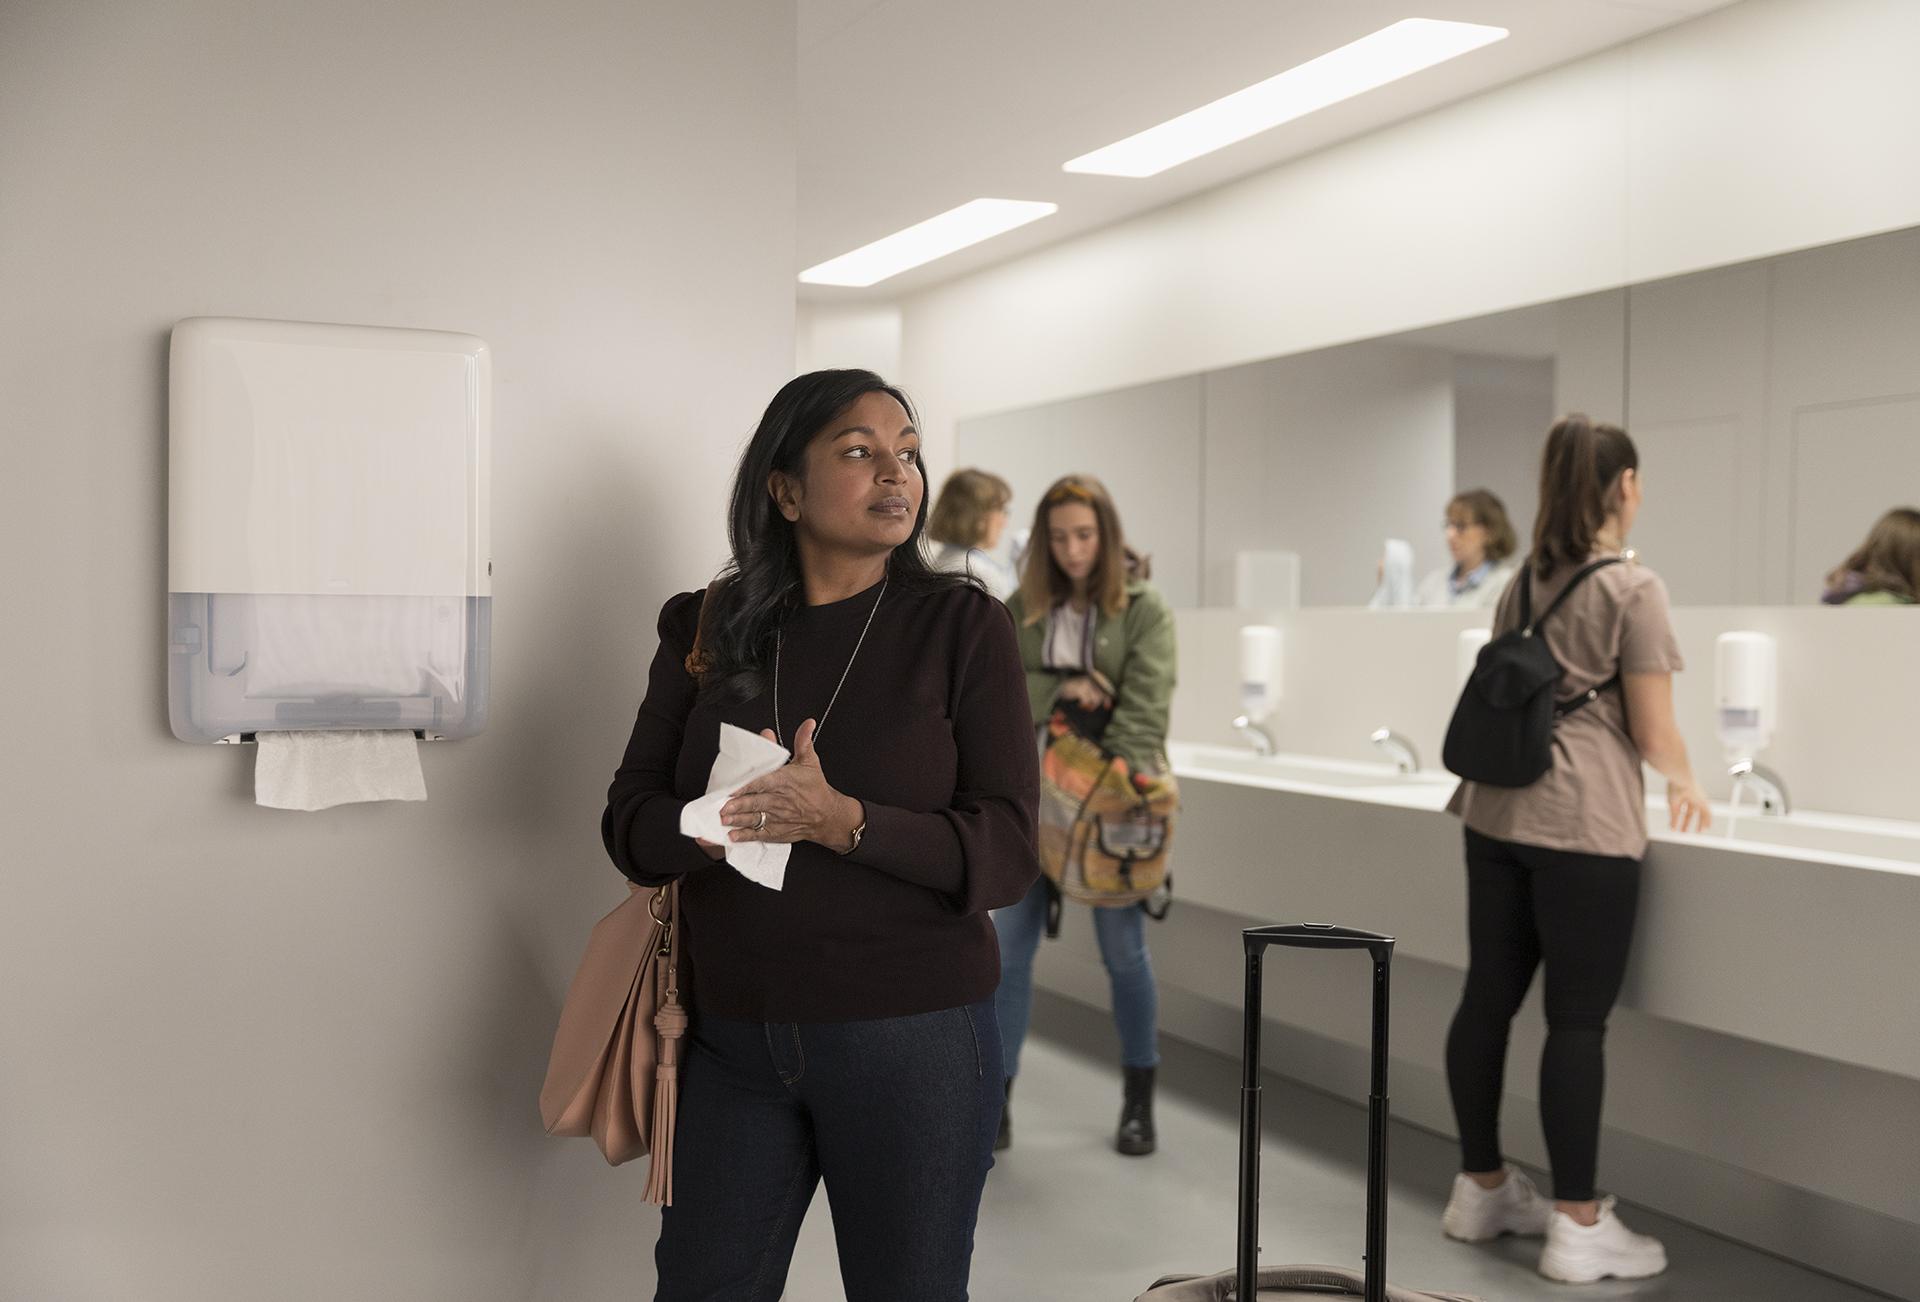 Ludzie nie czują się bezpiecznie korzystając z toalet wyposażonych w suszarki do rąk